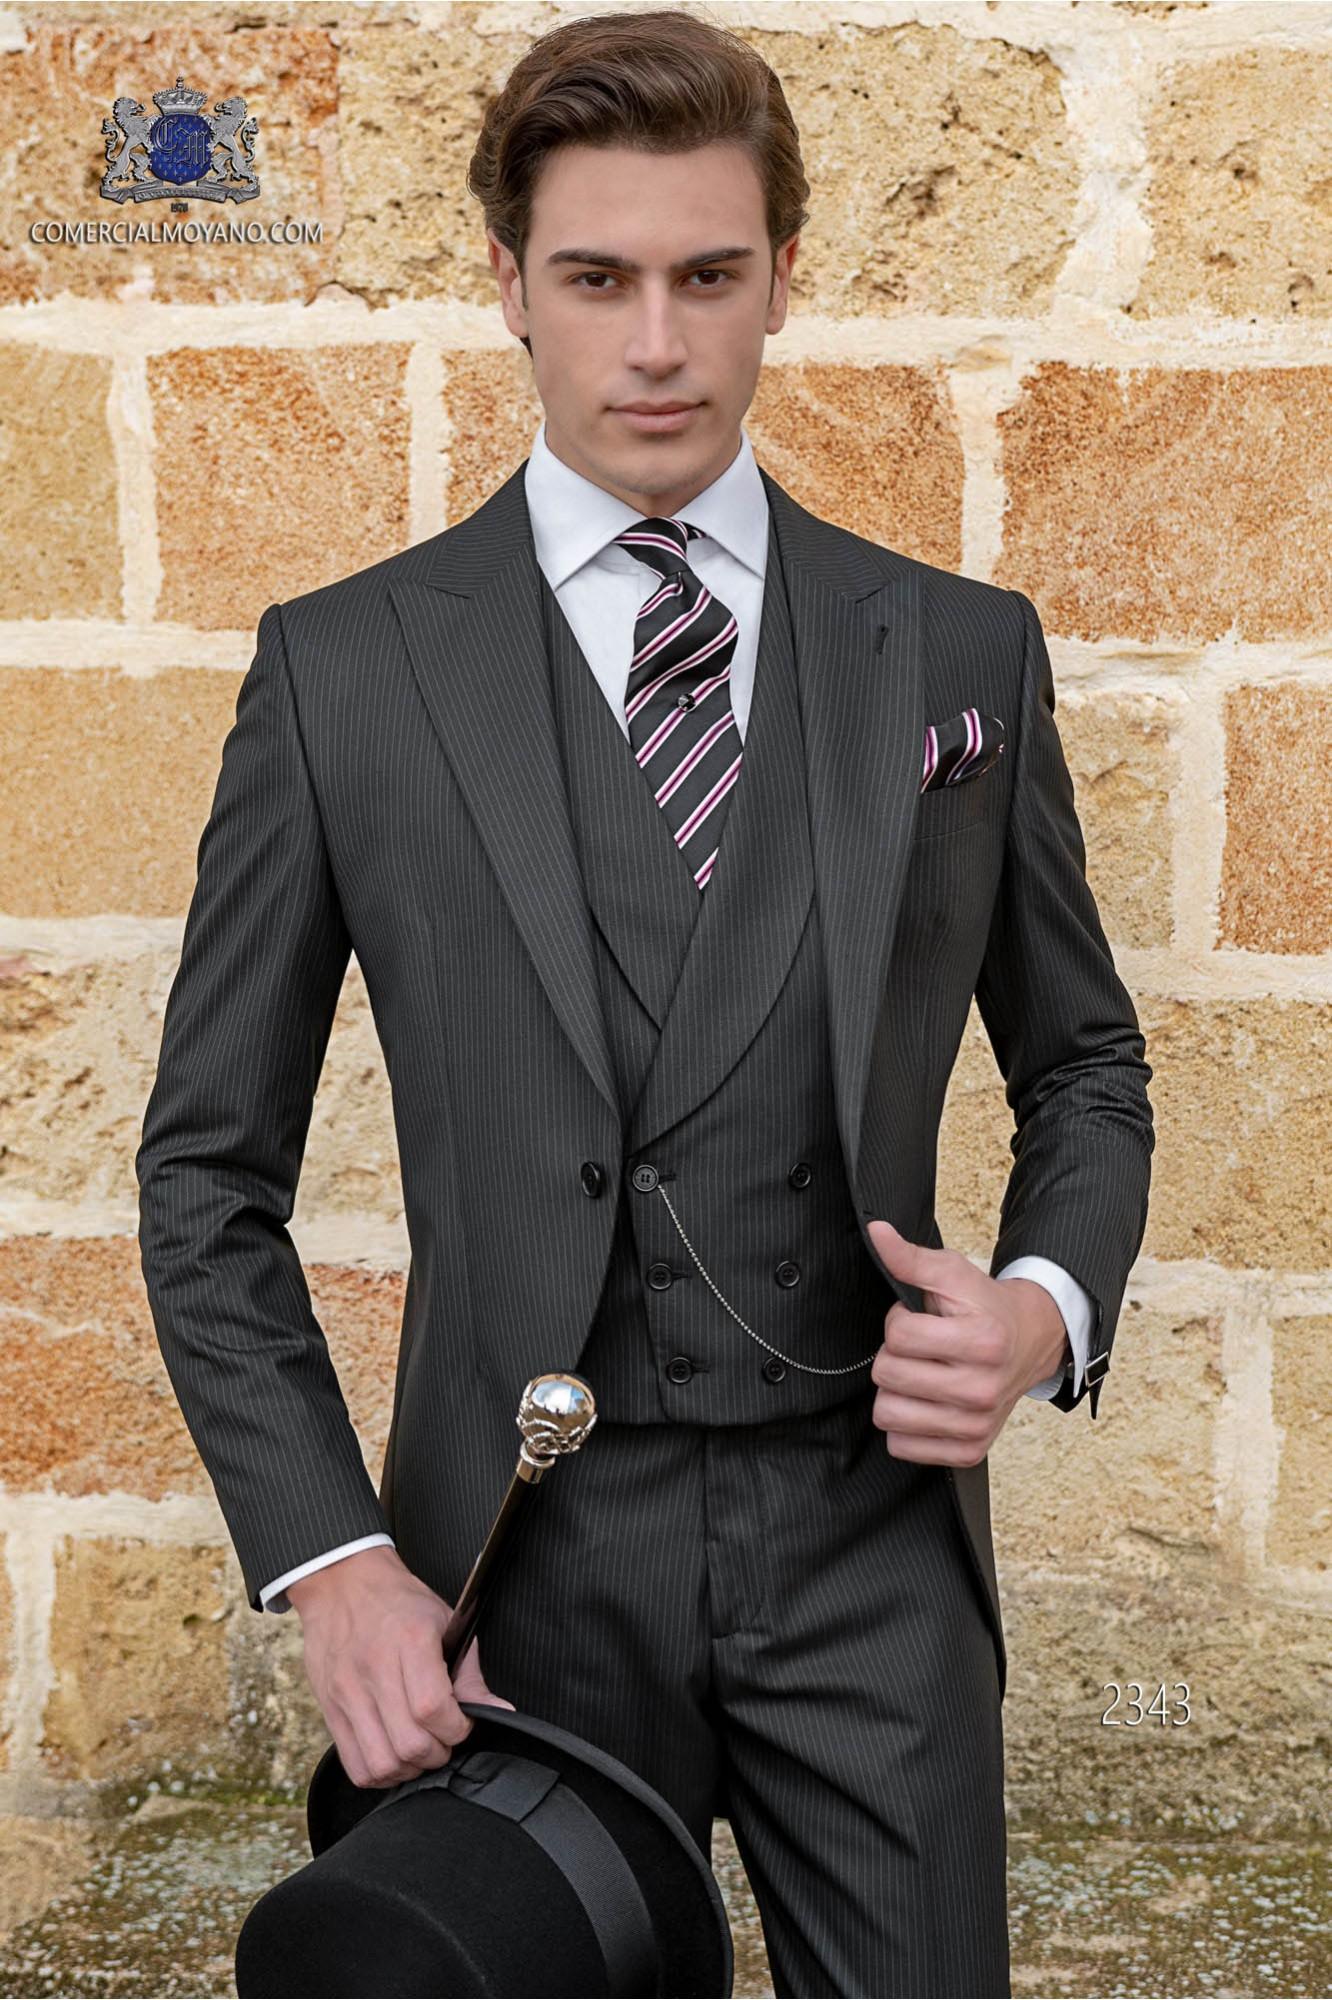 Frock coat elegant Italian tailoring cut